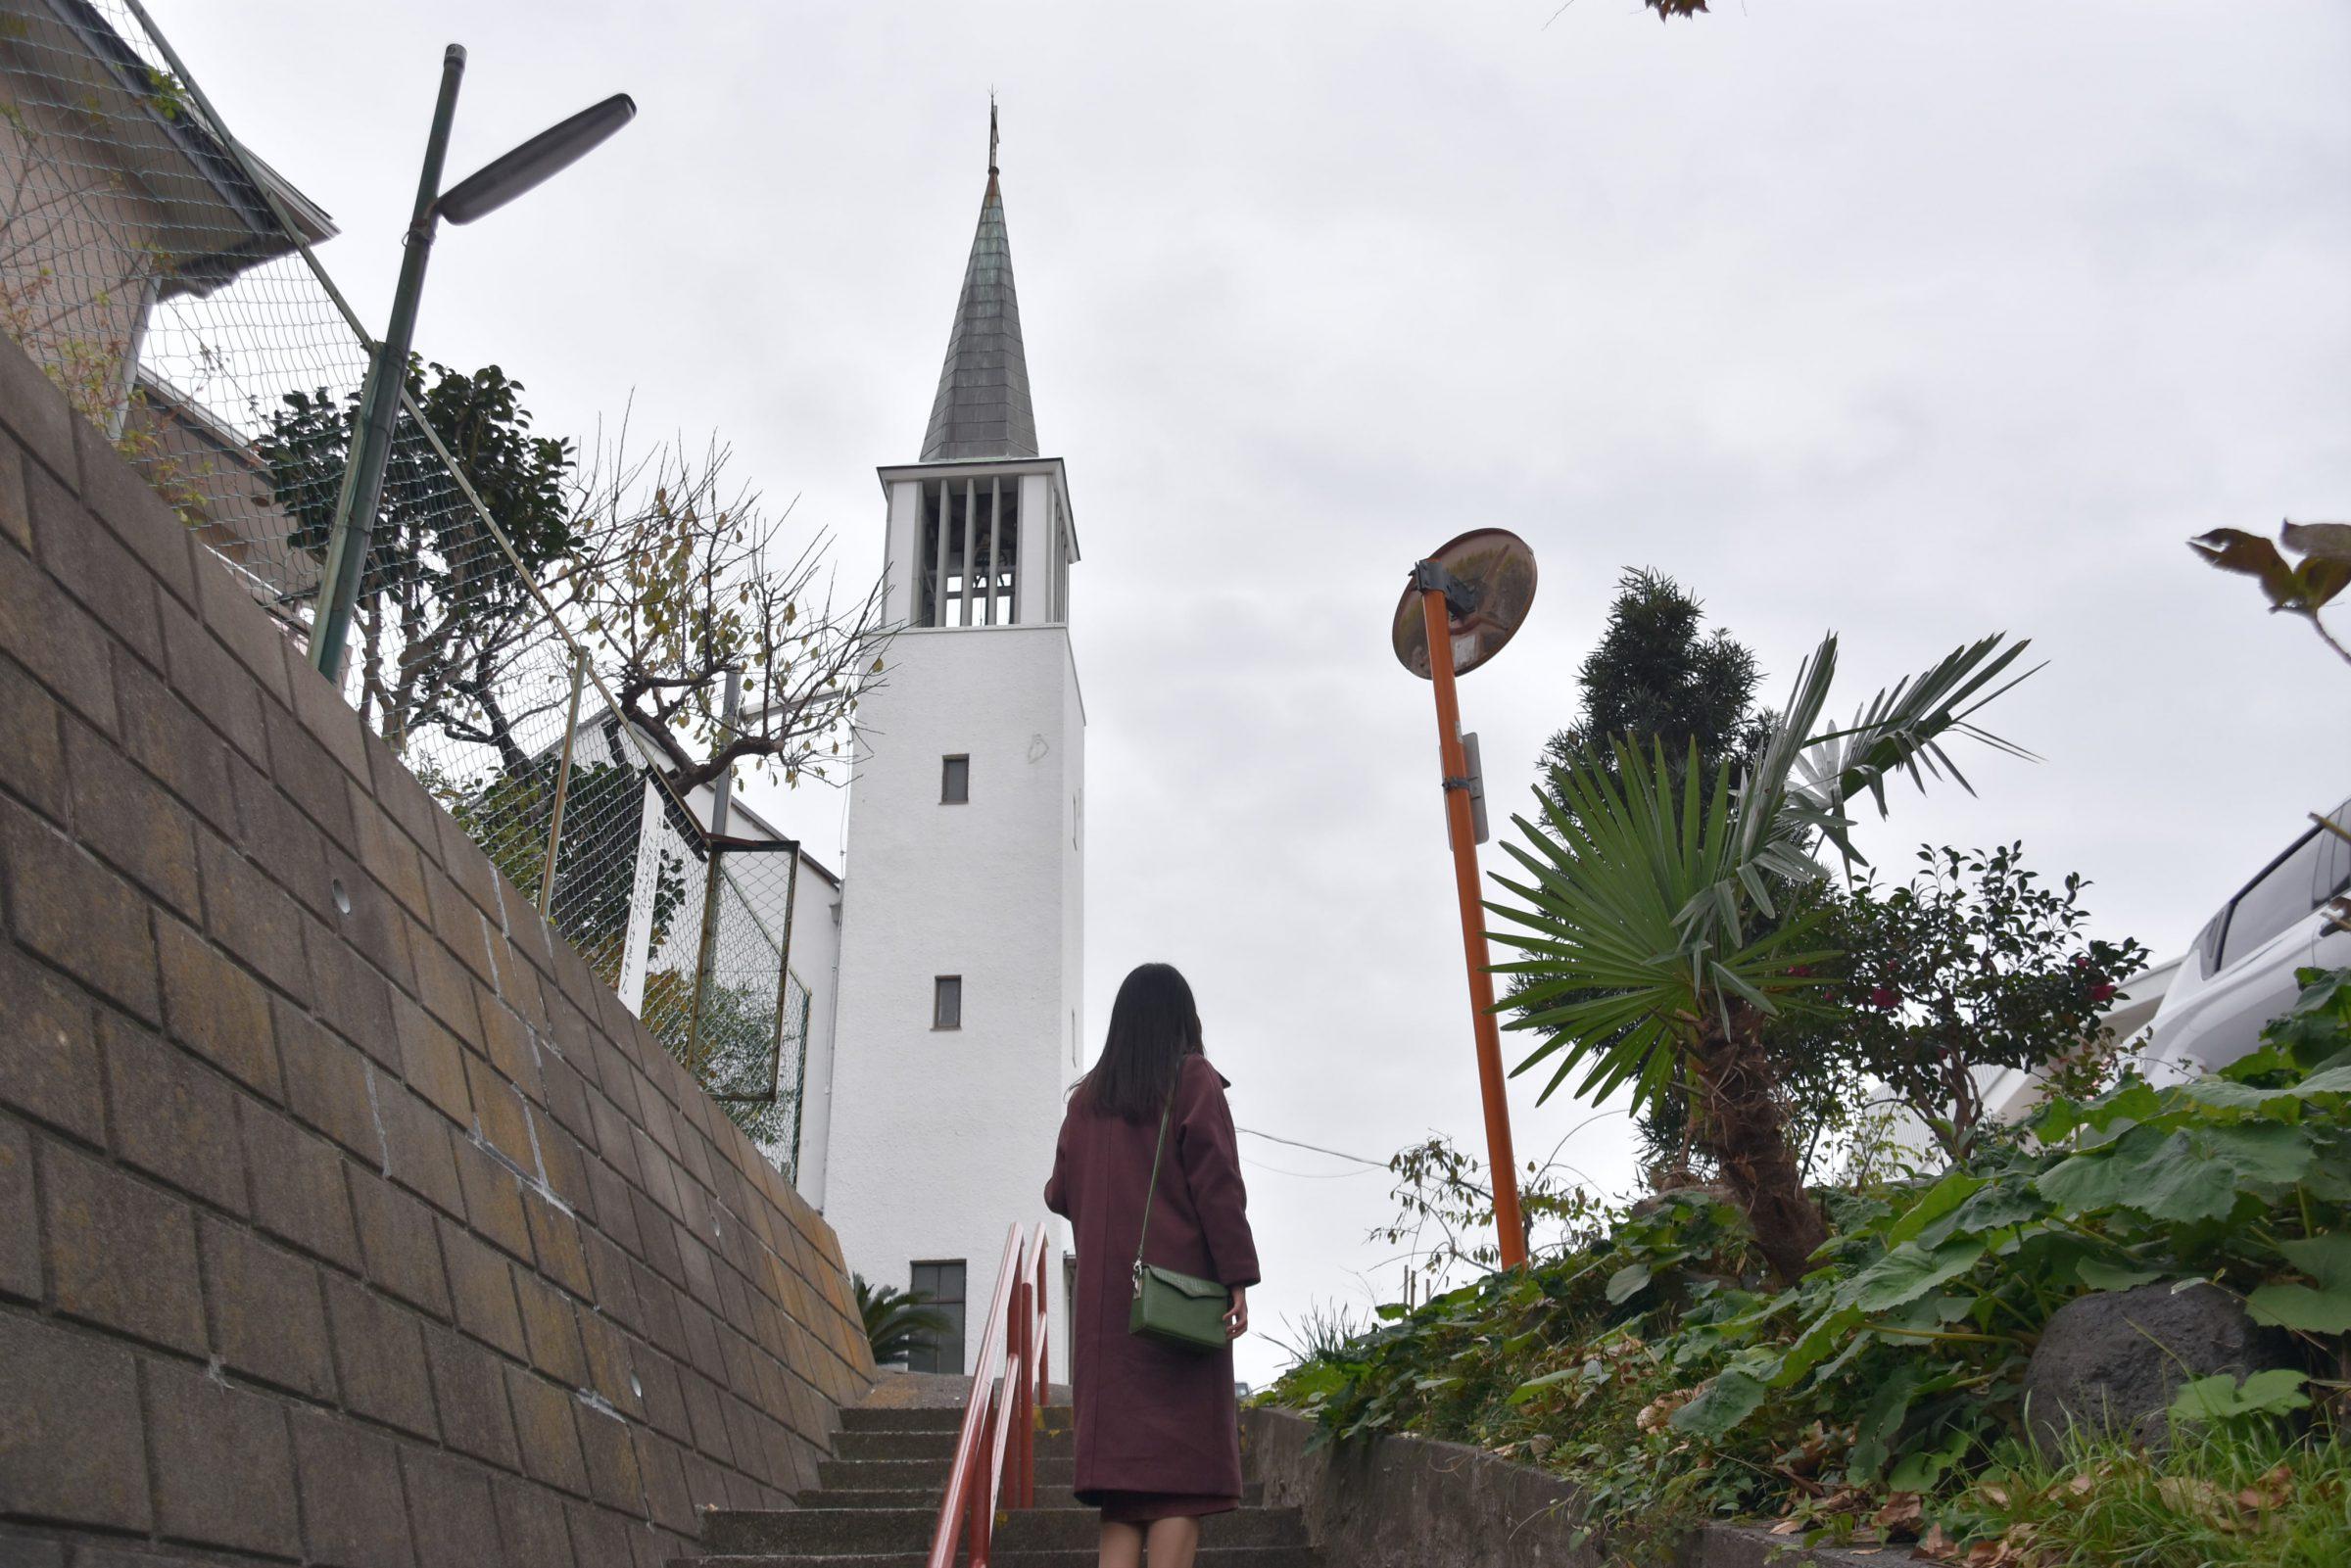 2018秋季日劇「無法成為野獸的我們」拍攝地大揭密!横浜聖アンデレ教会(第2集取景地)